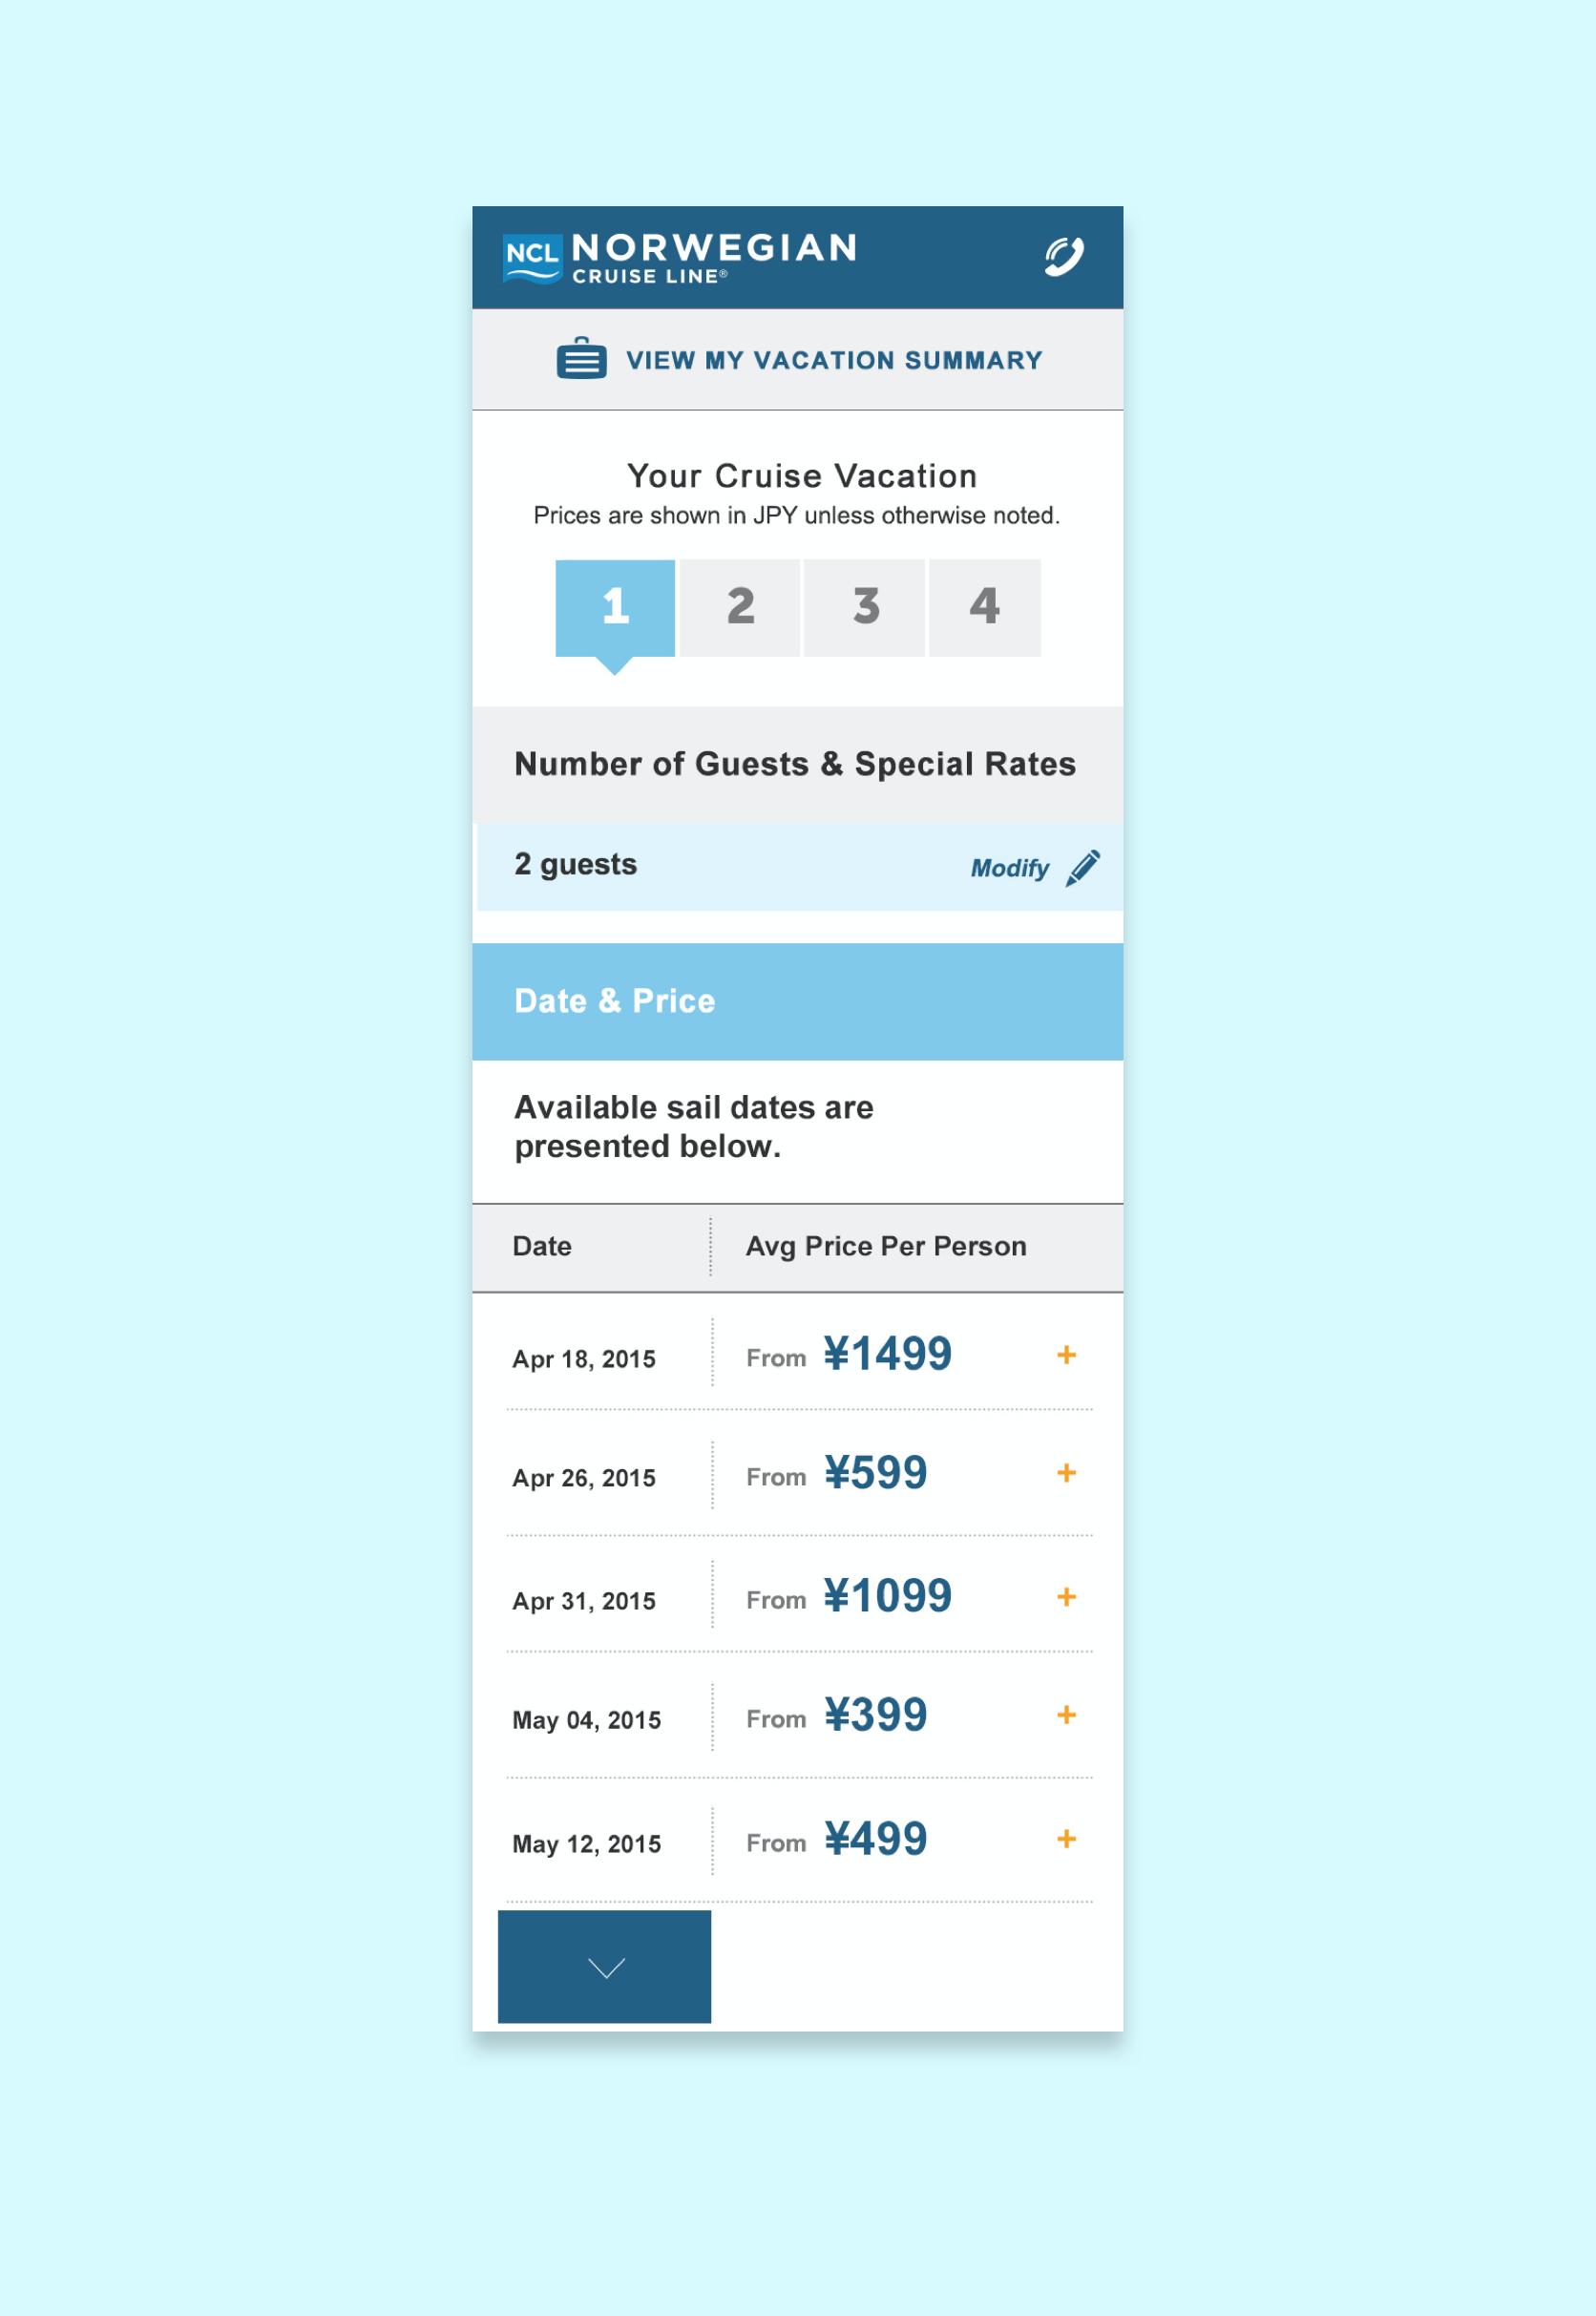 NCL.com booking step 1